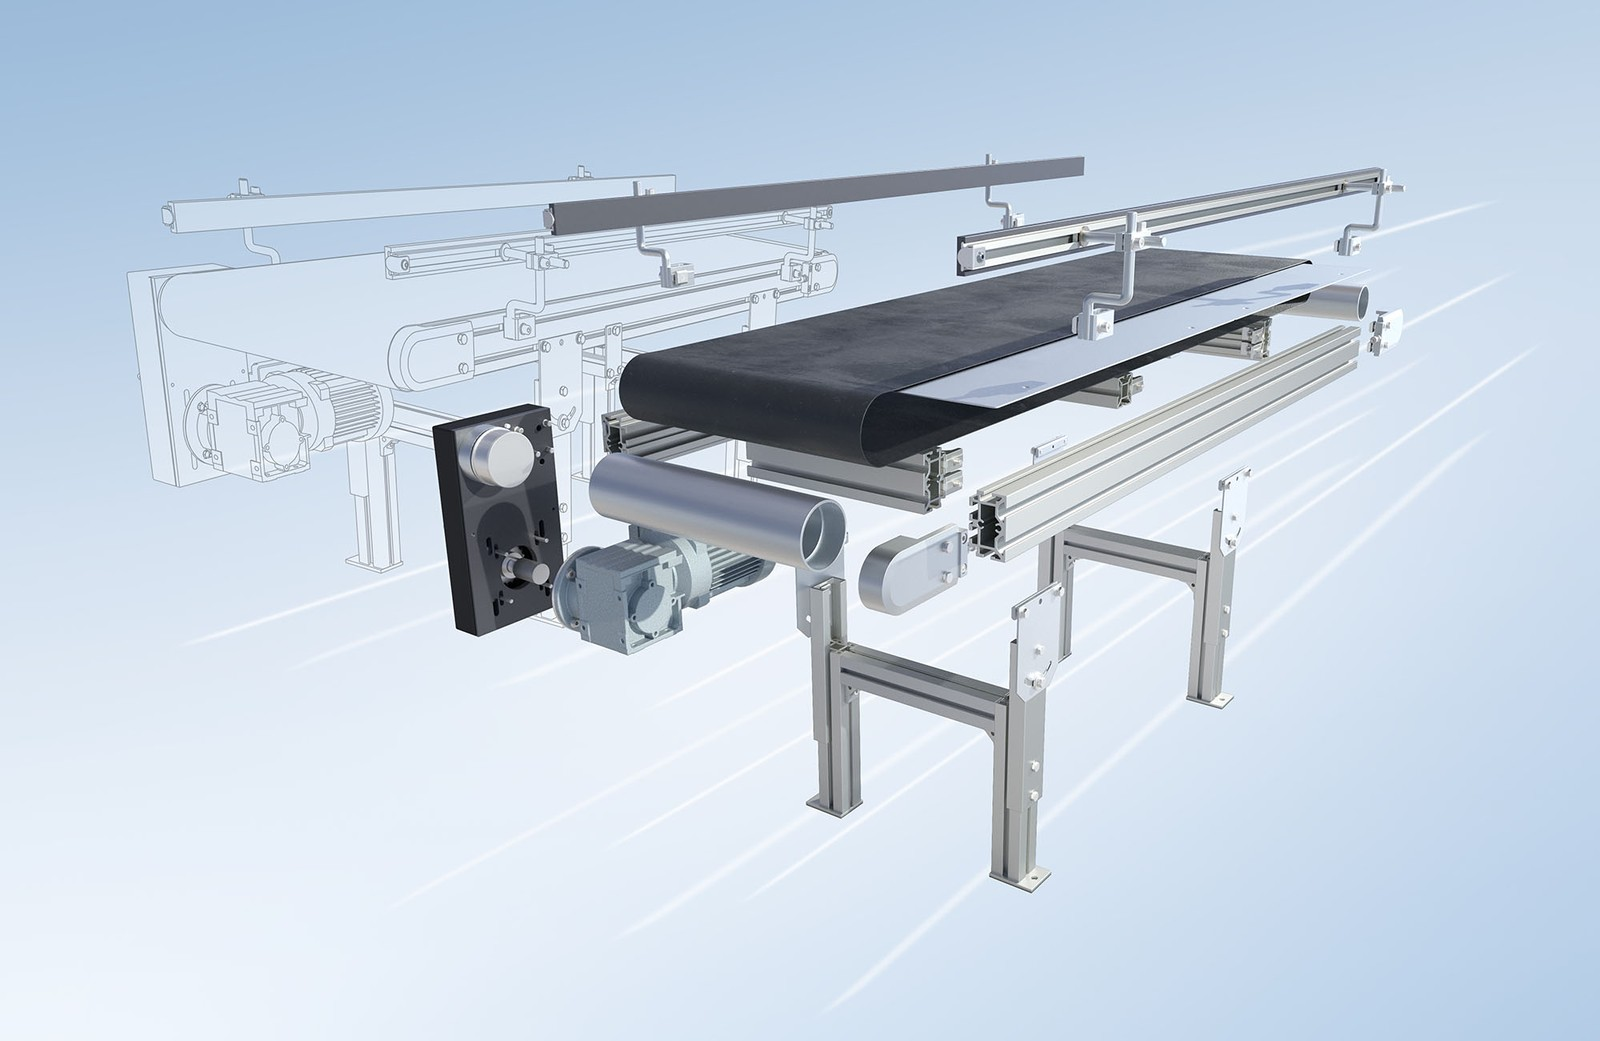 Zum Transport von Stückgütern bietet mk eine große Variantenvielfalt an standardisierten, modular aufgebauten Förderbändern mit Gurt an, auch GUF genannt.